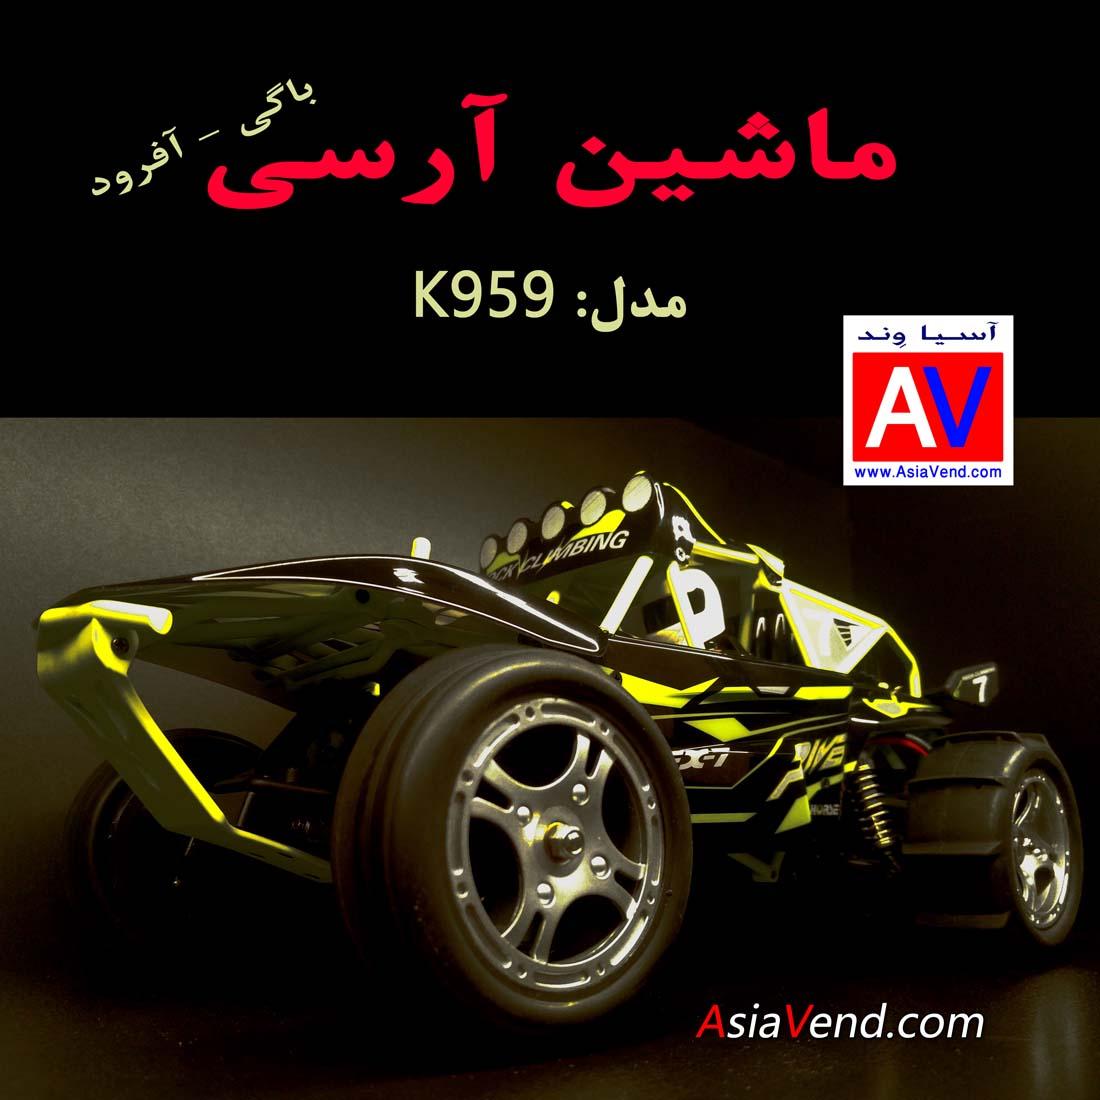 ماشین اسباب بازی ماشین رادیو کنترلی K959